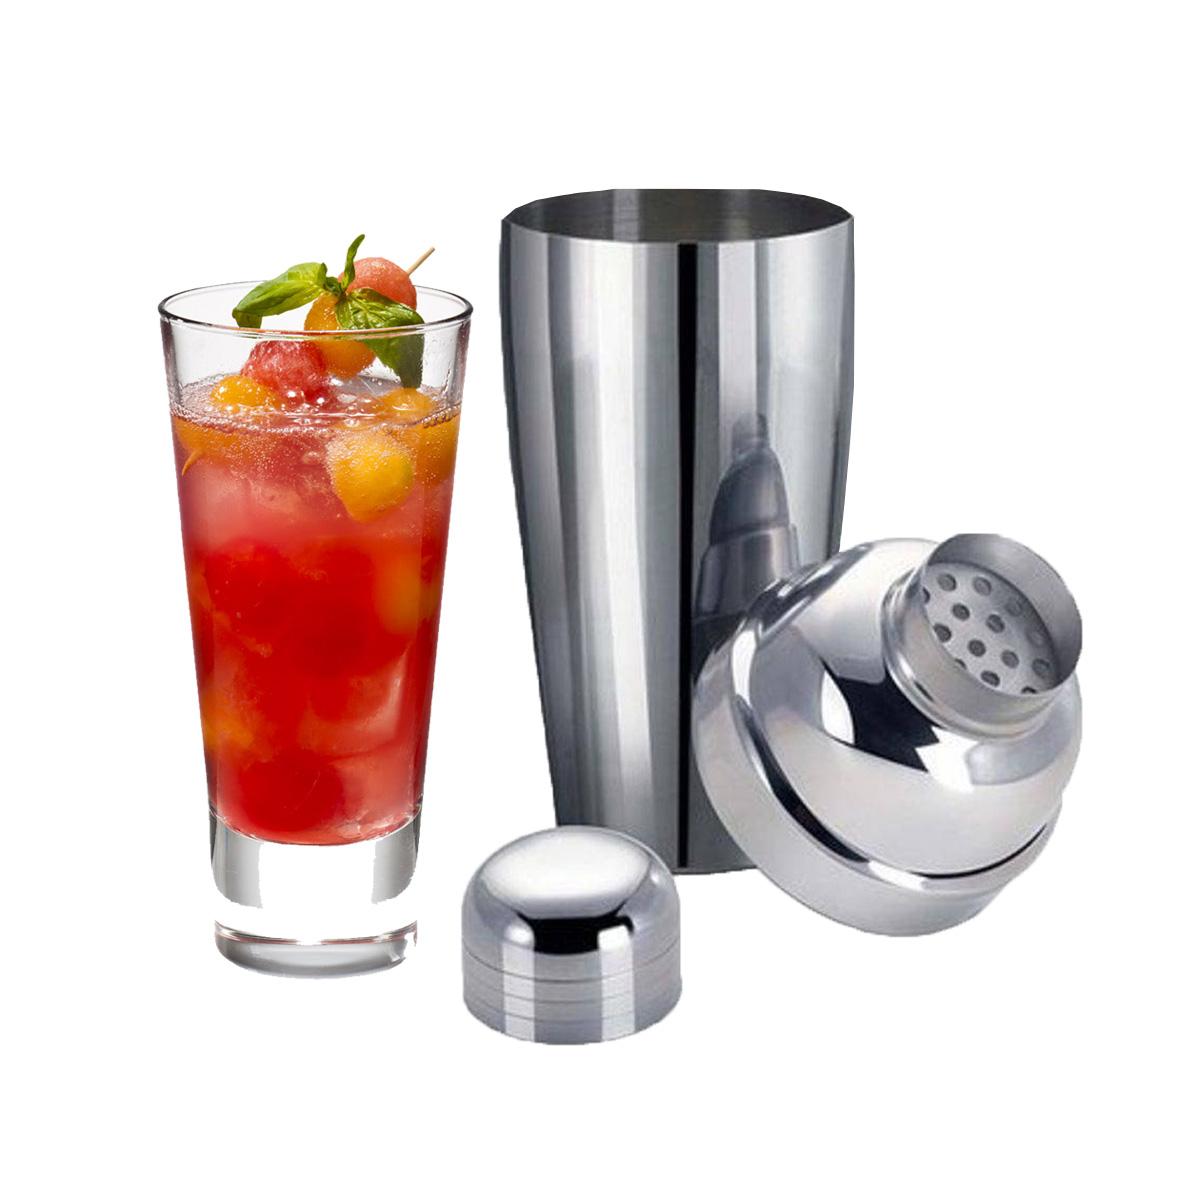 Coqueteleira 3 peças Inox 500ml Drinks Caipirinha Bar